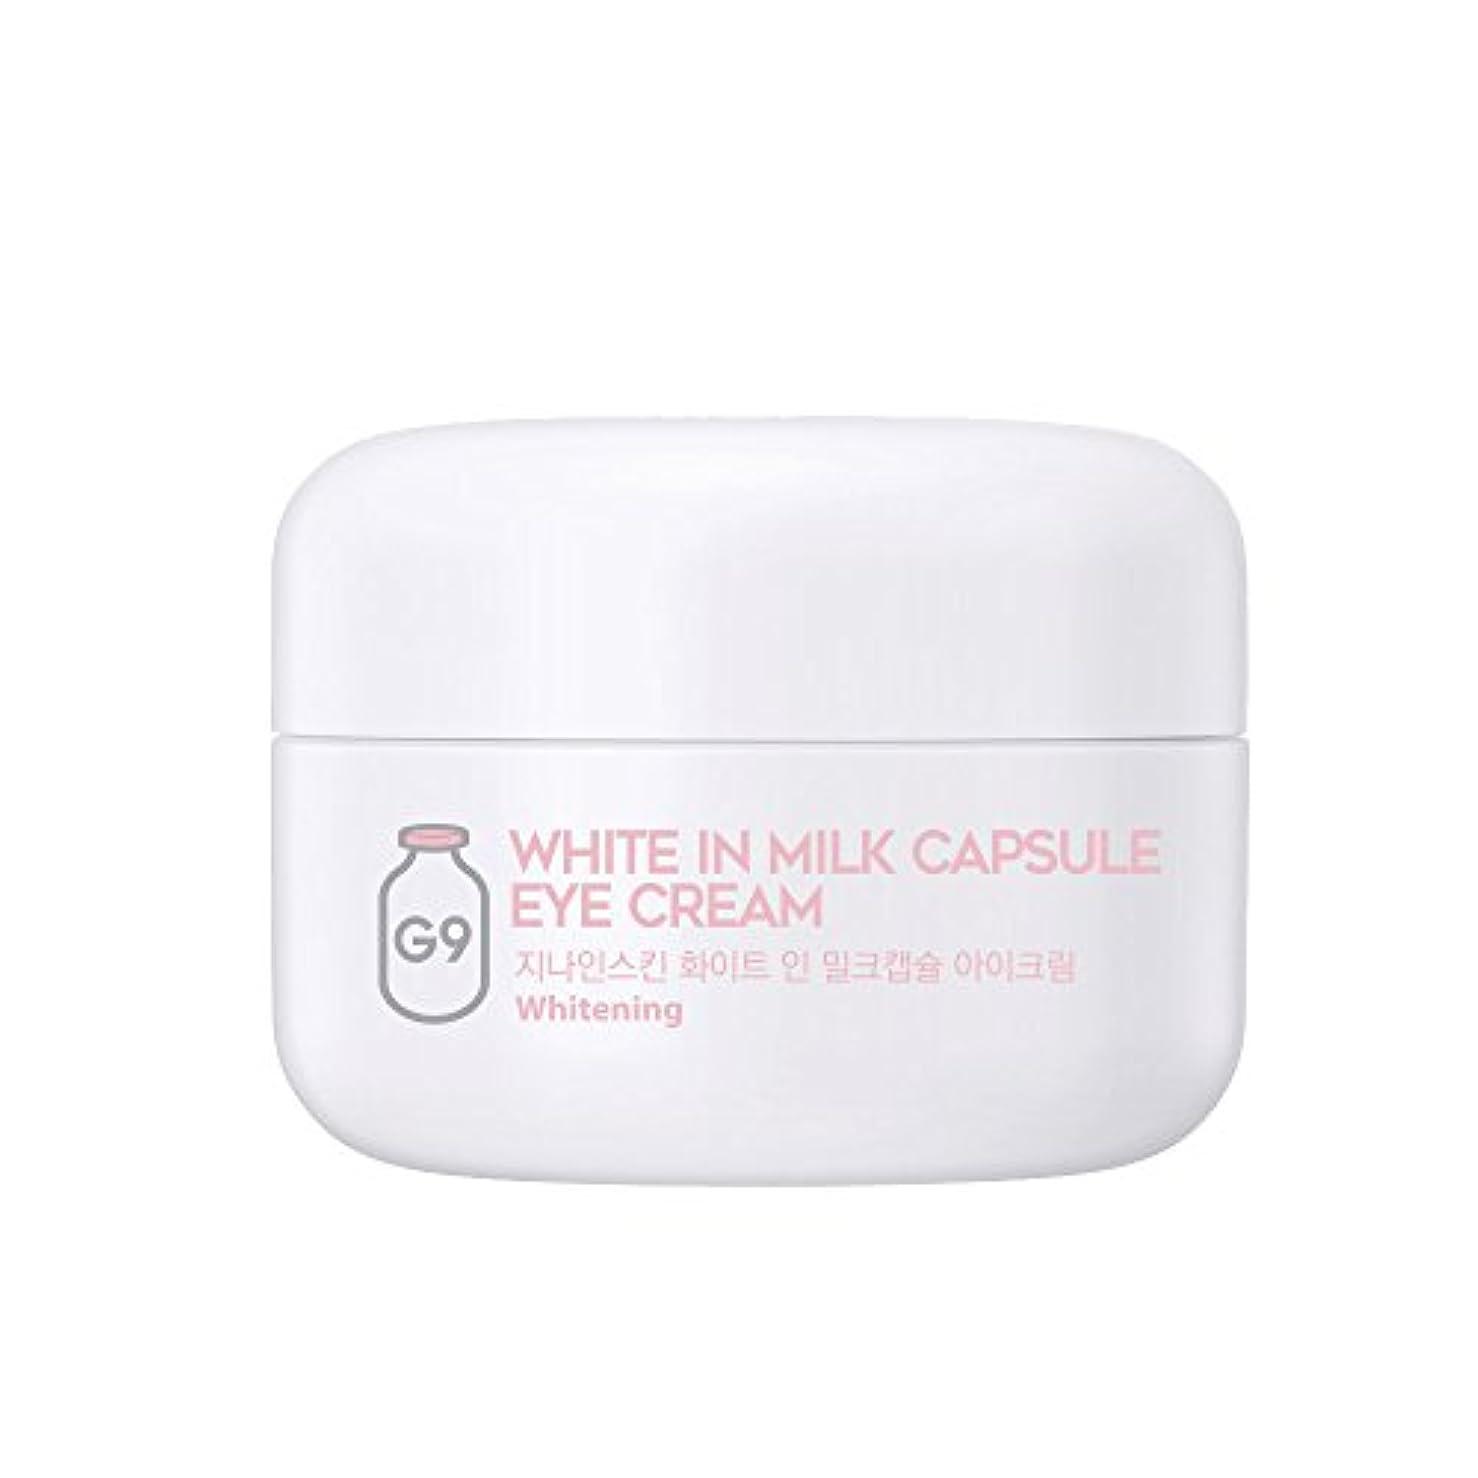 入学するスパイラル建てるG9SKIN(ベリサム) White In Milk Capsule Eye Cream ホワイトインミルクカプセルアイクリーム 30g